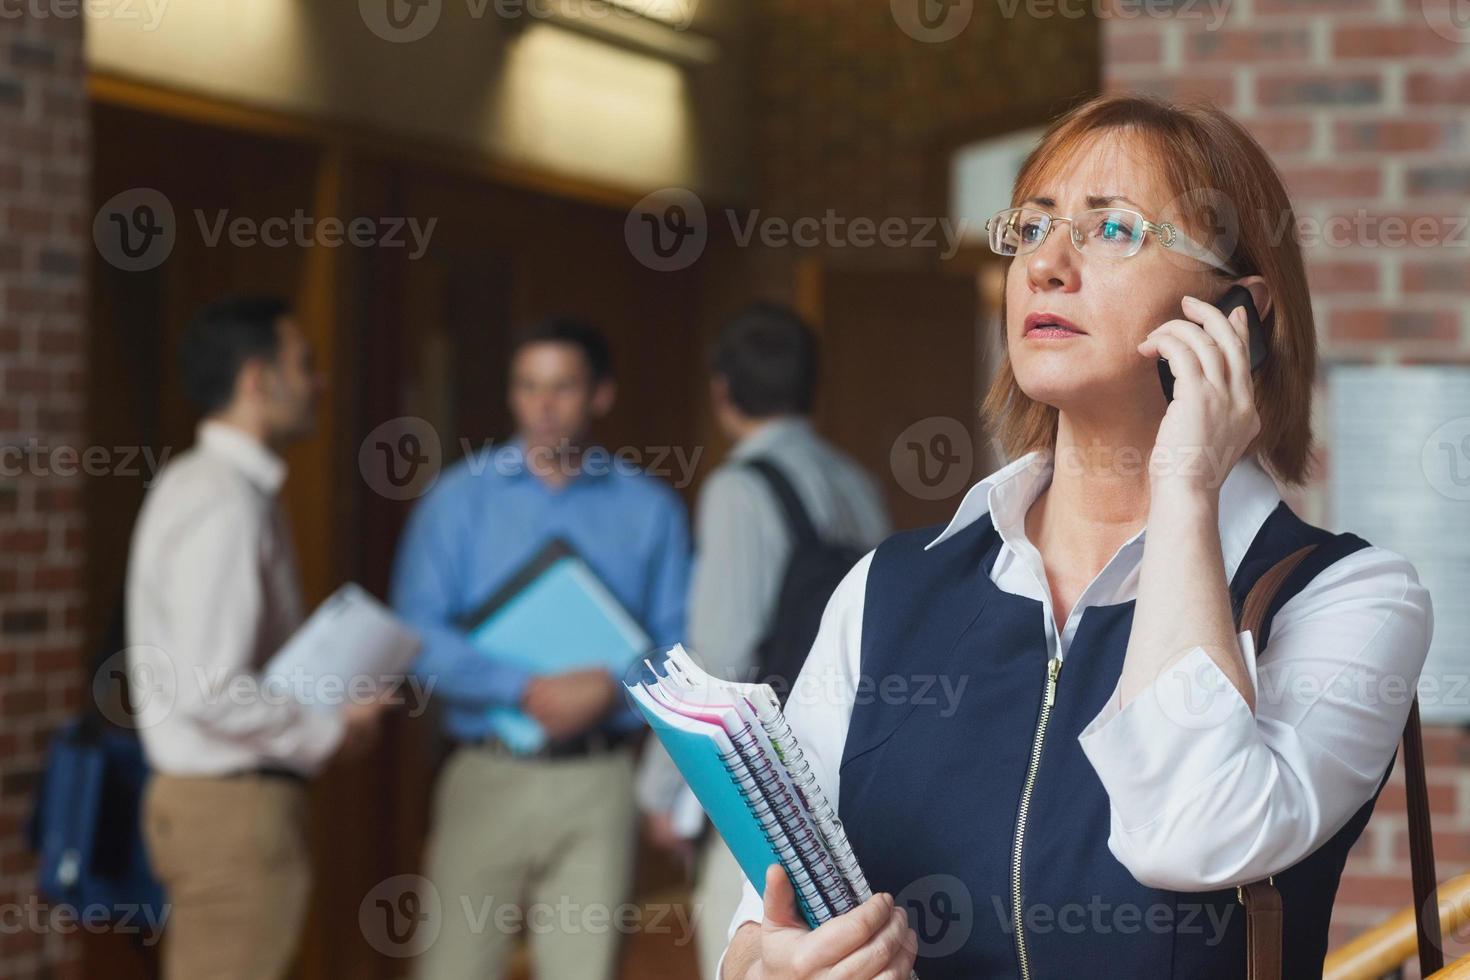 studentessa matura telefonando in piedi in corridoio foto